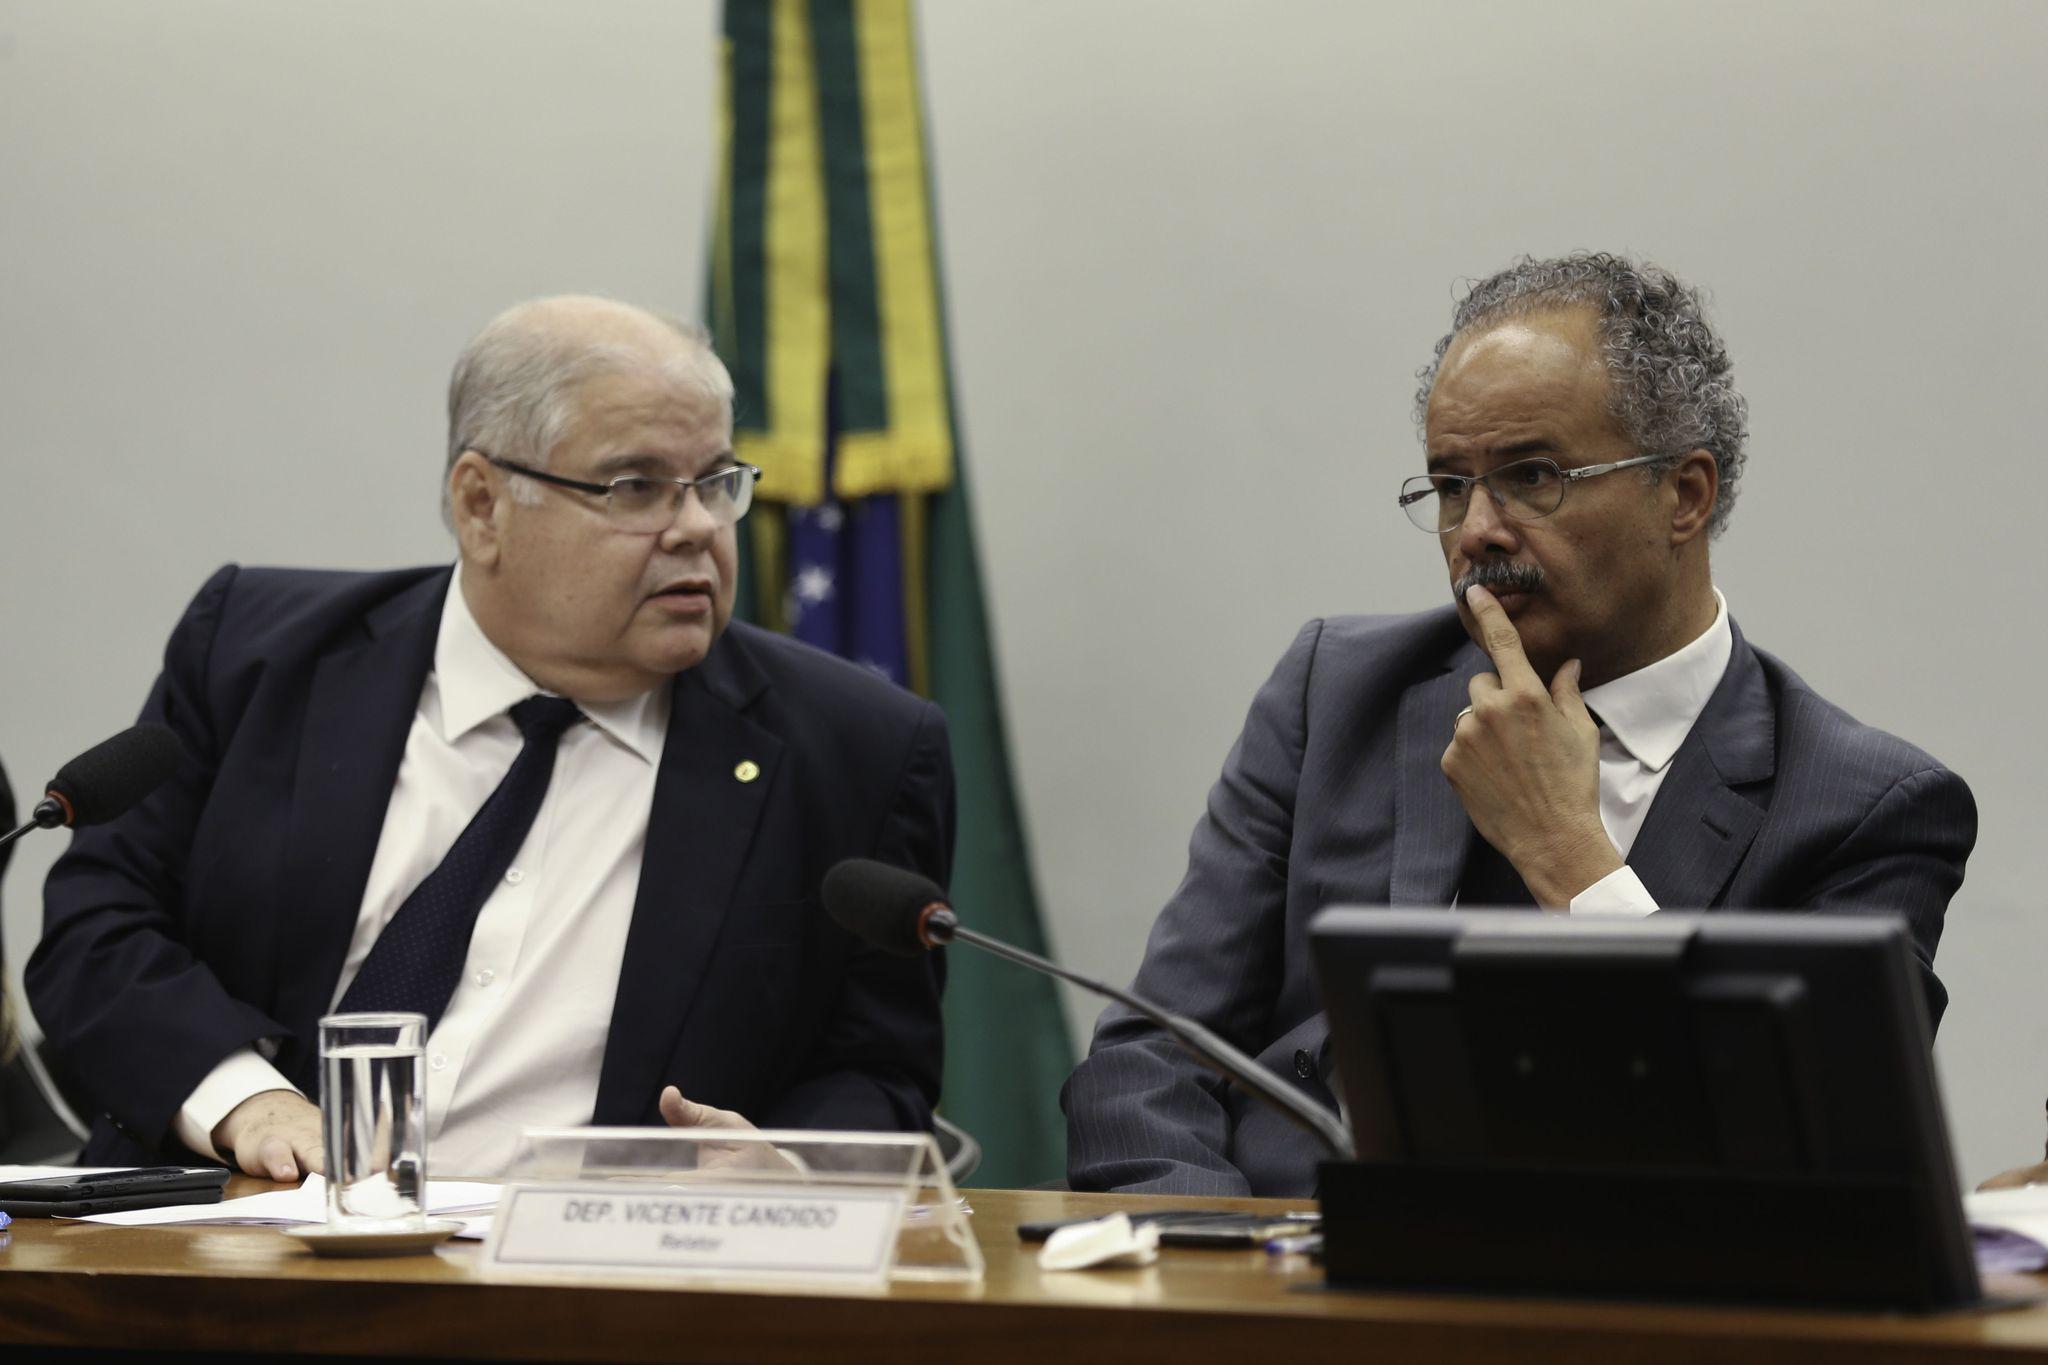 Reunião da Reforma política - deputados  Lúcio Vieira Lima e Vicente Candido